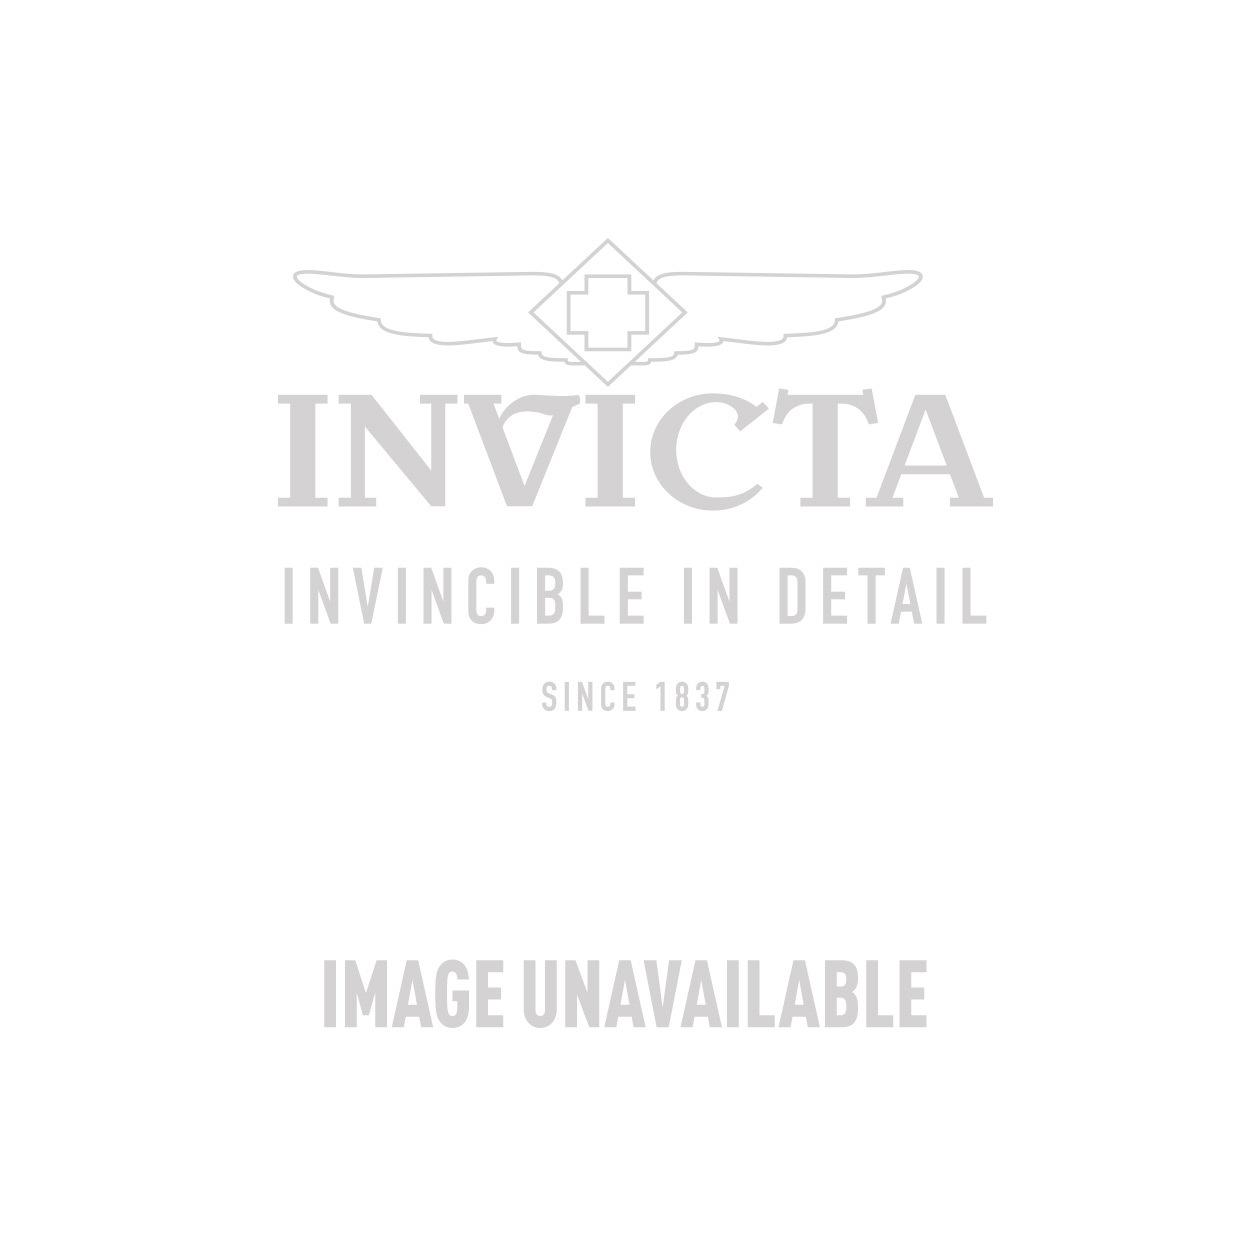 Invicta Model 27091